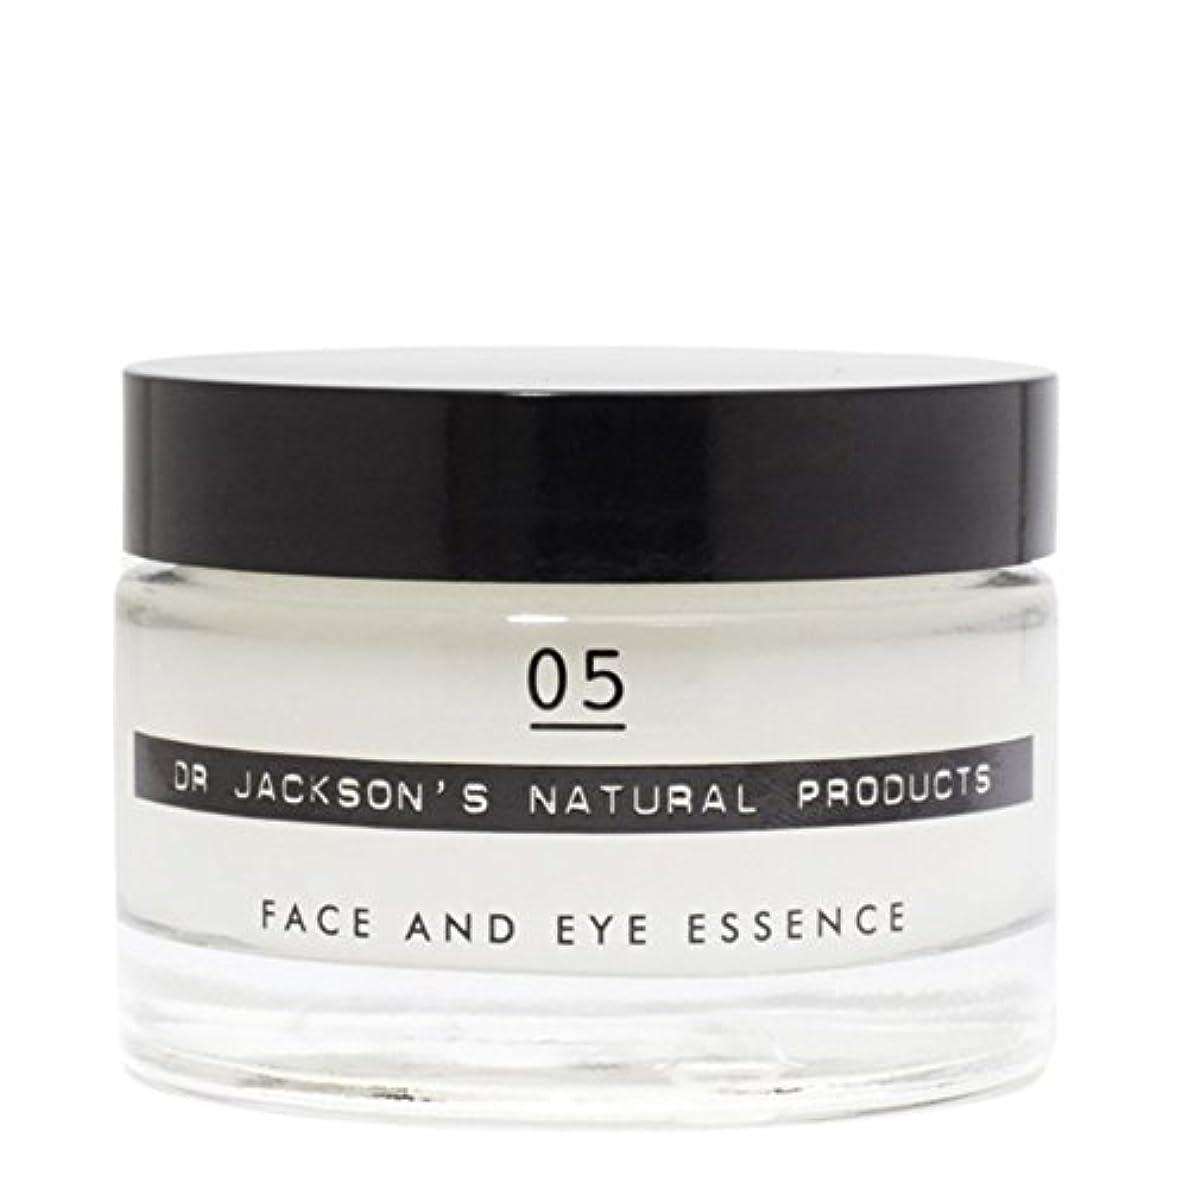 スマート被るセンチメートルDr Jackson's 05 Face and Eye Essence 50ml (Pack of 6) - ジャクソンの05顔や目の本質50ミリリットル x6 [並行輸入品]